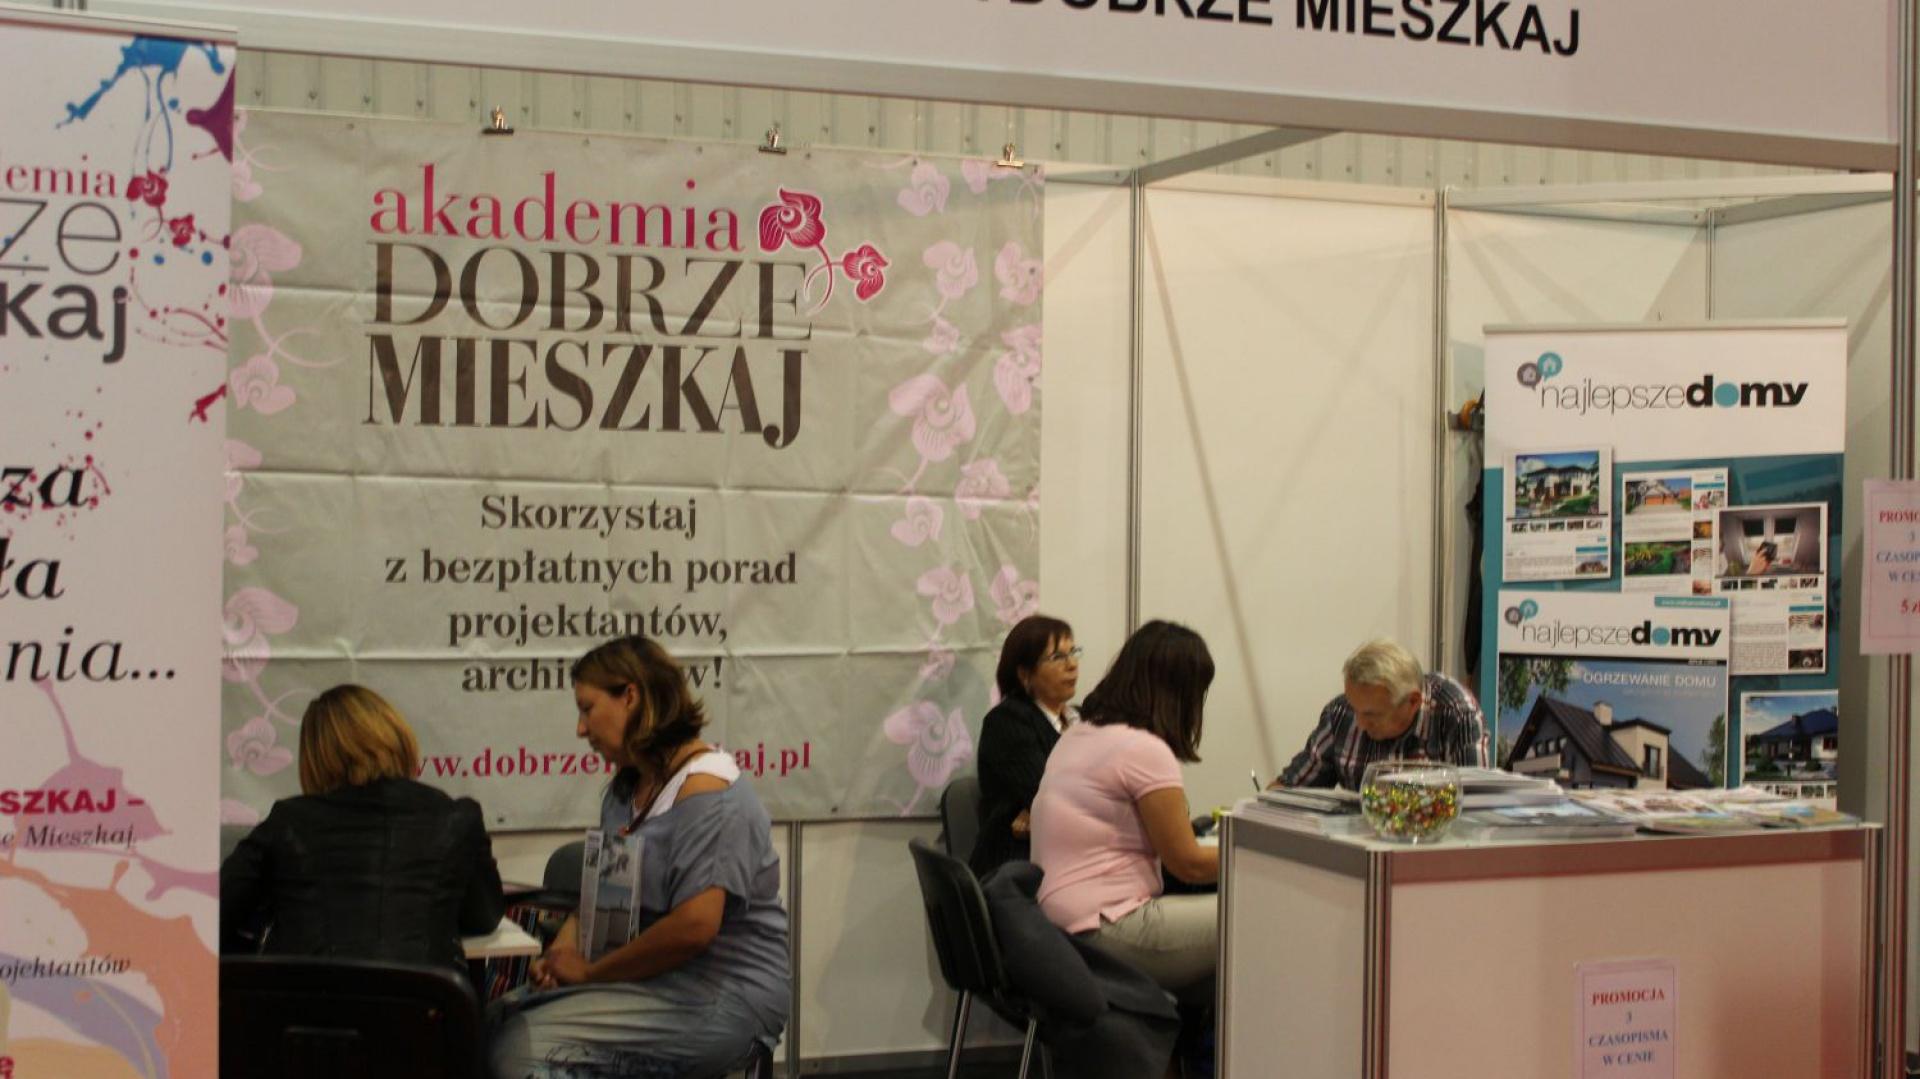 Akademia Dobrze Mieszkaj to akcja edukacyjna, w ramach której profesjonalni architekci i projektanci udzielają porad inwestorom prywatnym.